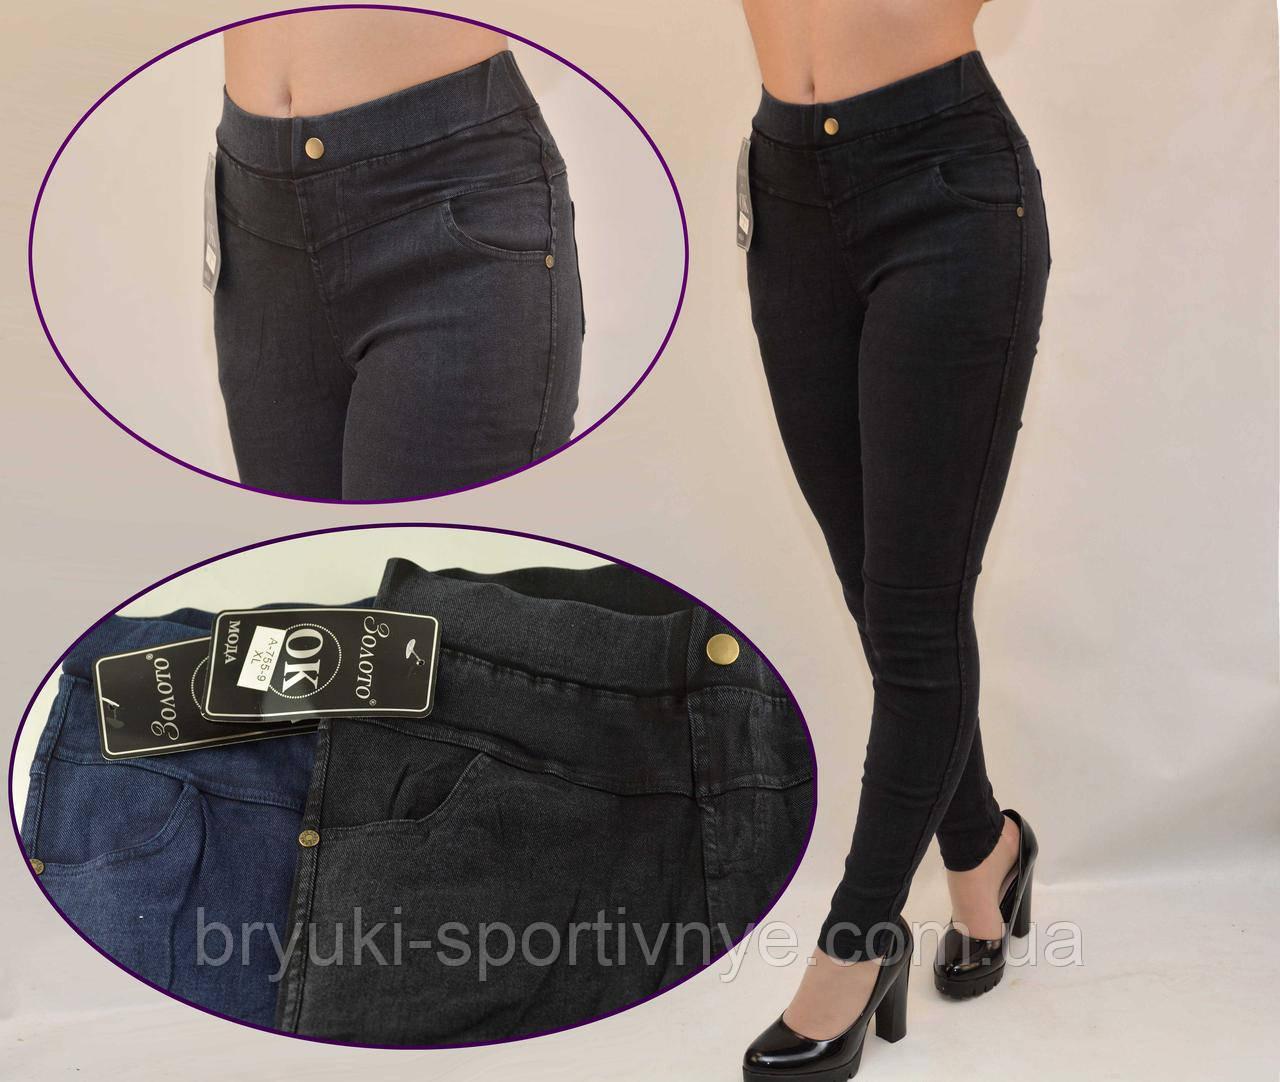 Джинсы женские стильные с пуговицей и заклепками на карманах